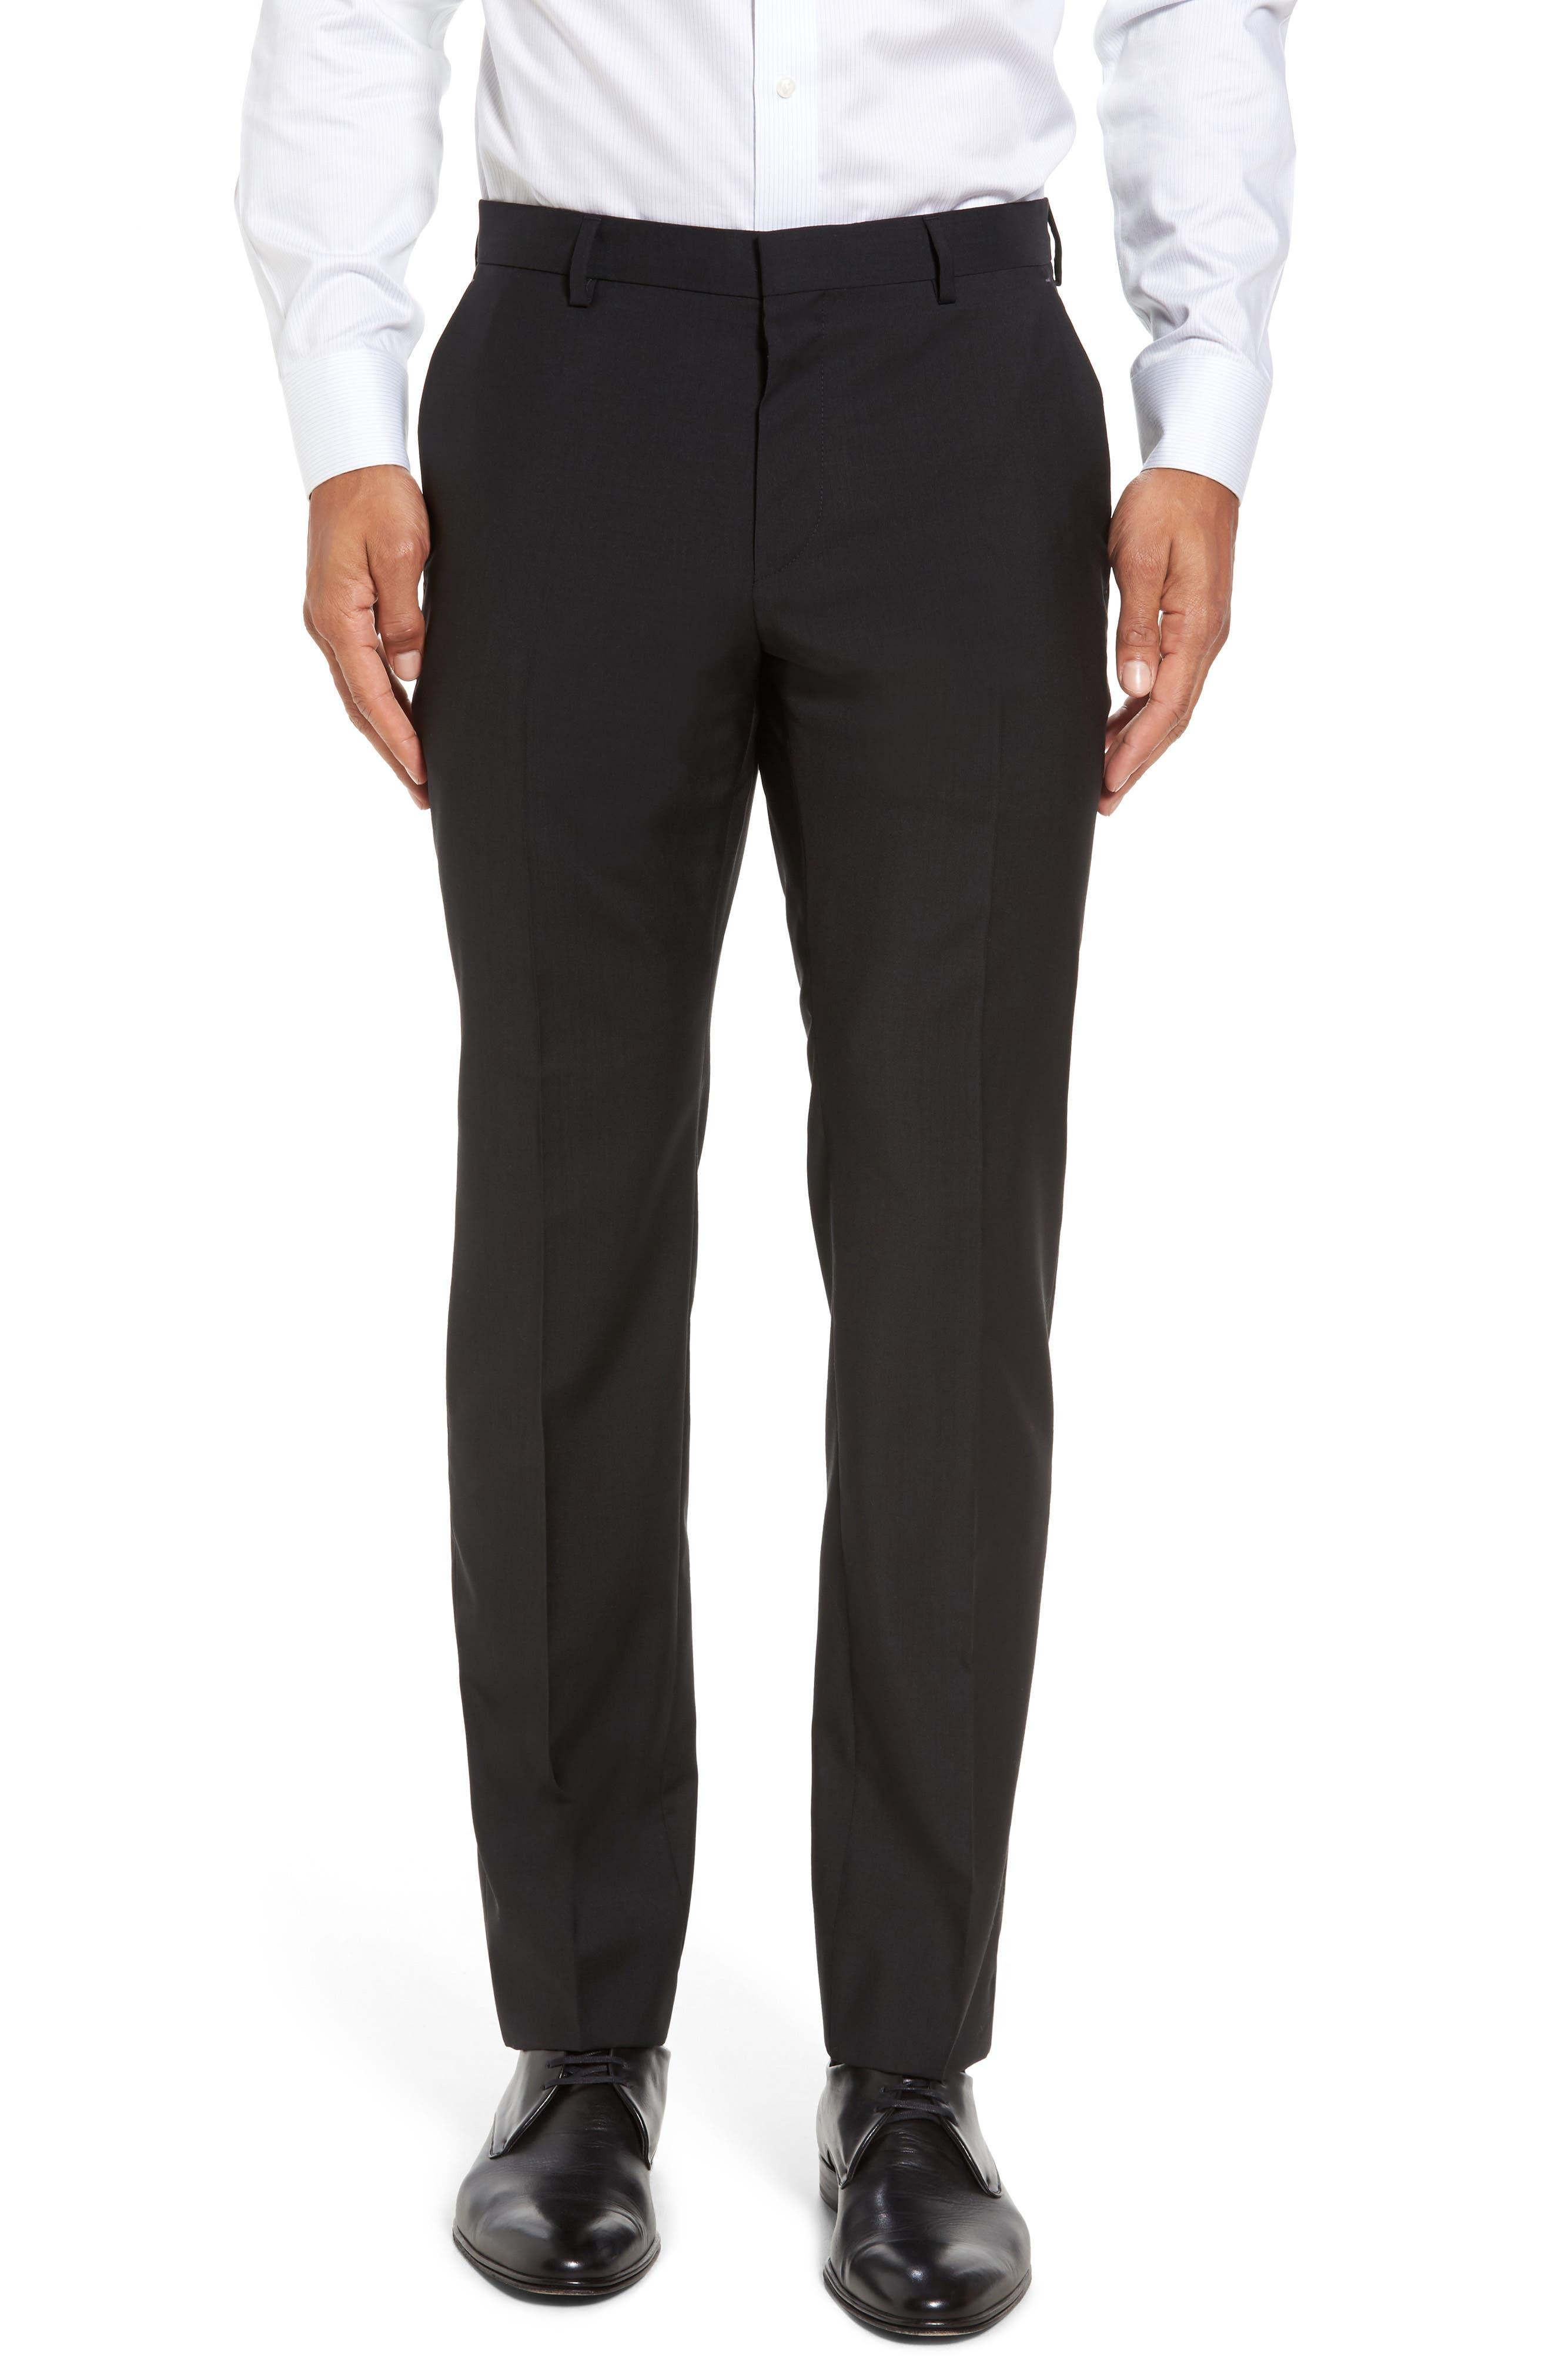 BOSS Genesis Flat Front Trim Fit Wool Trousers in Black